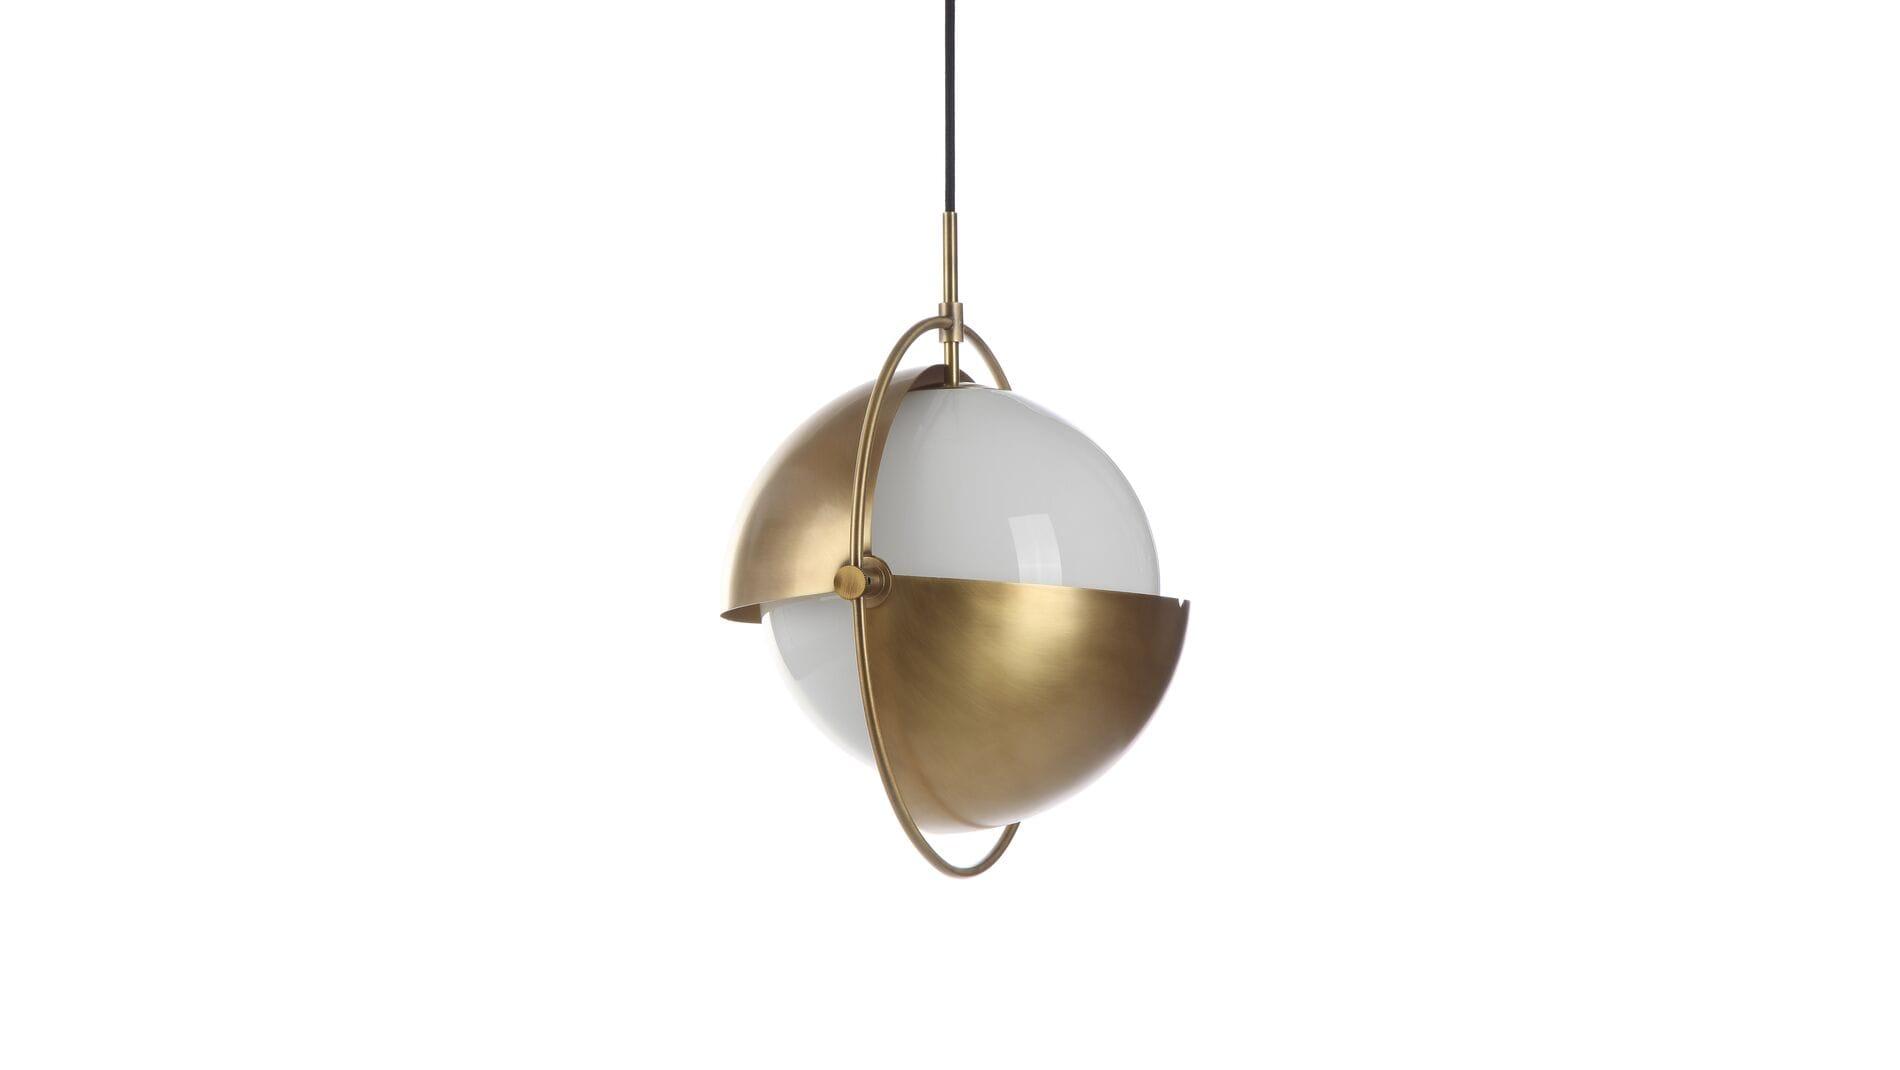 Потолочный светильник Ilaria